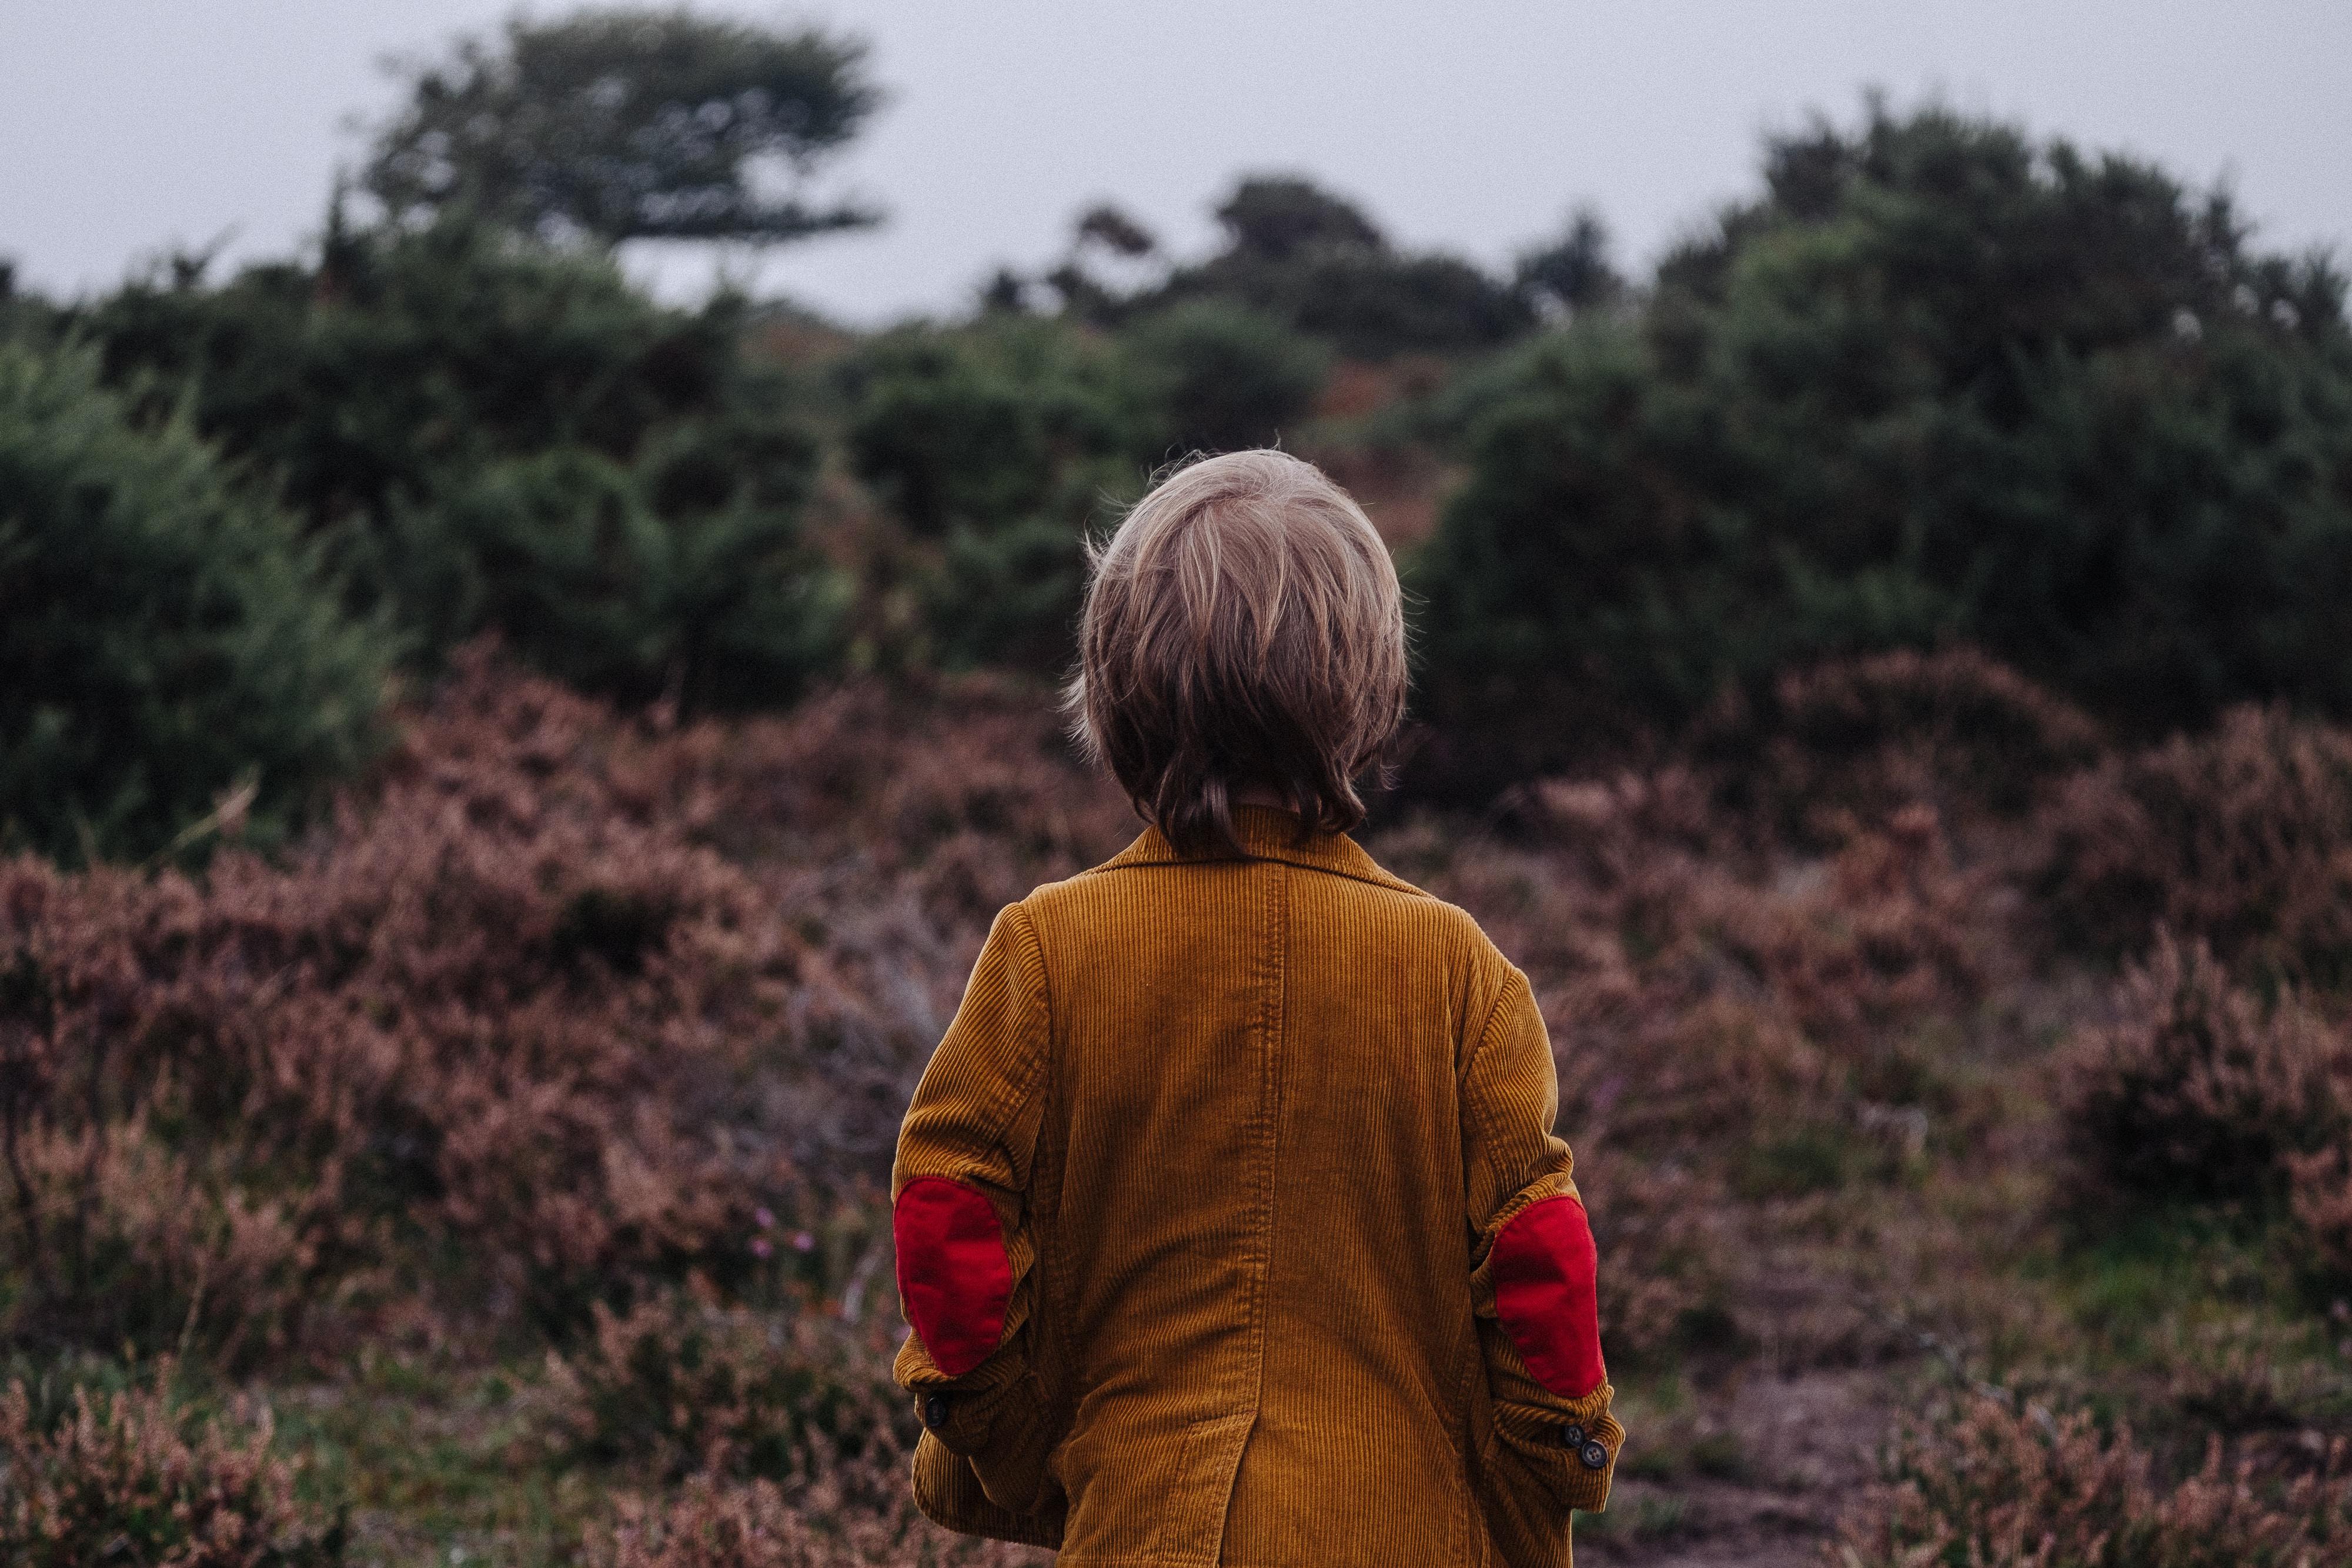 A small boy on a grassland near green bushes